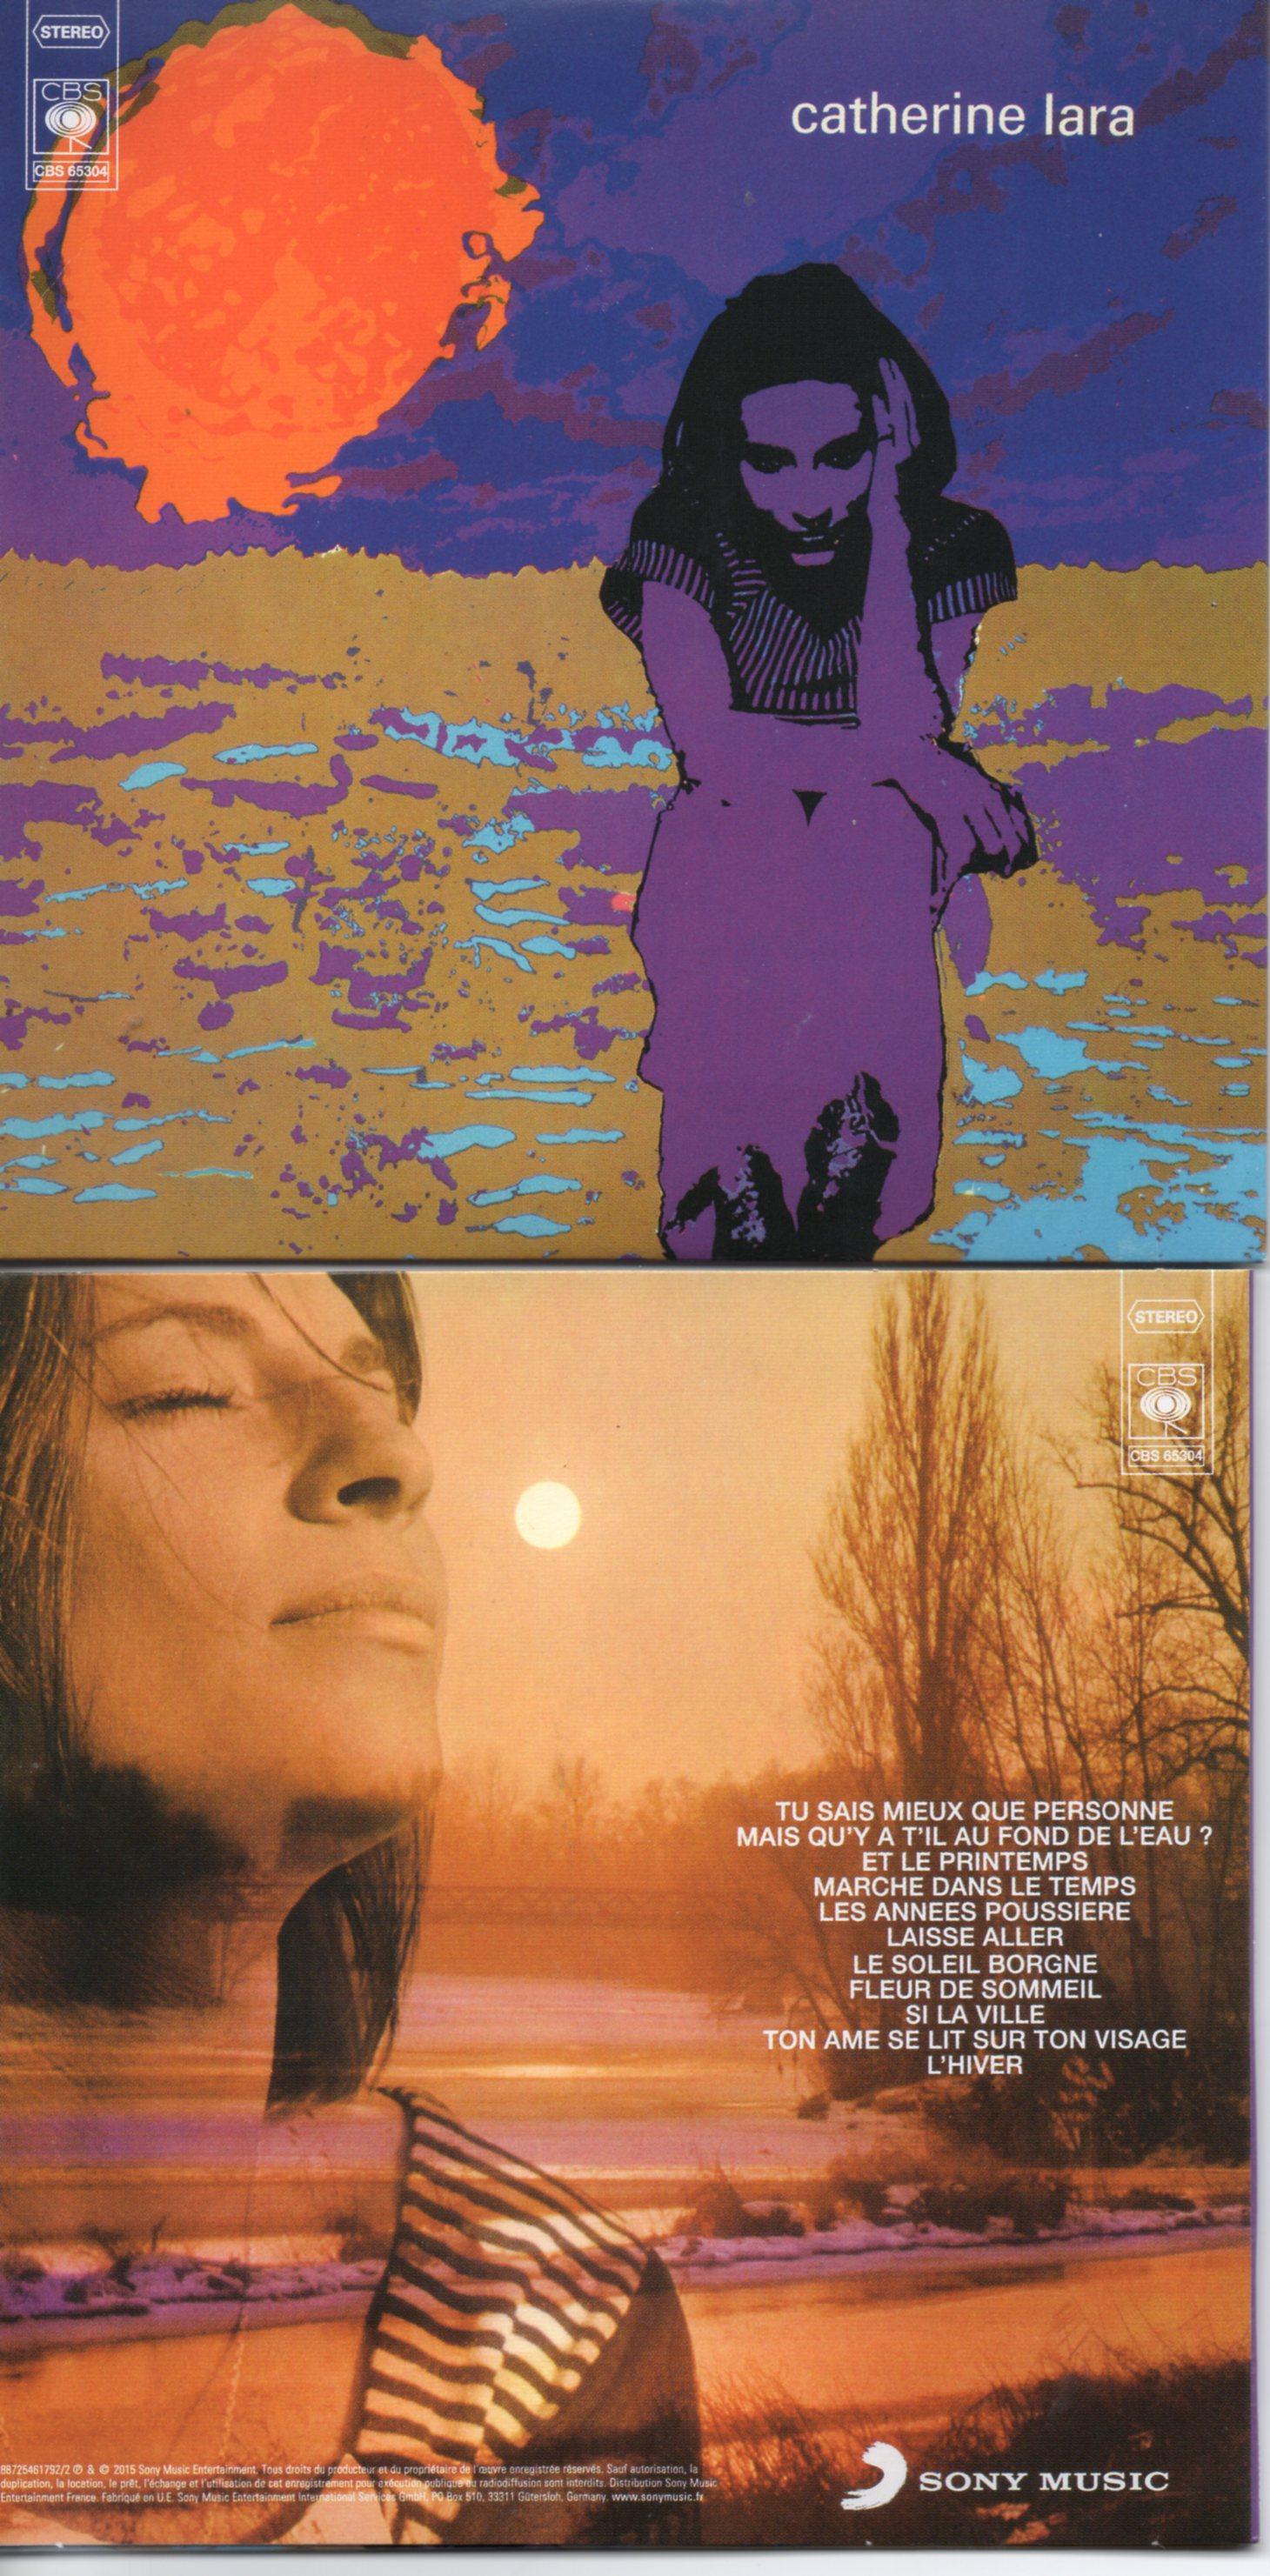 CATHERINE LARA - Les années poussières - MINI LP REPLICA - 11-TRACK CARD SLEEVE - Pochette Cartonnée - CD